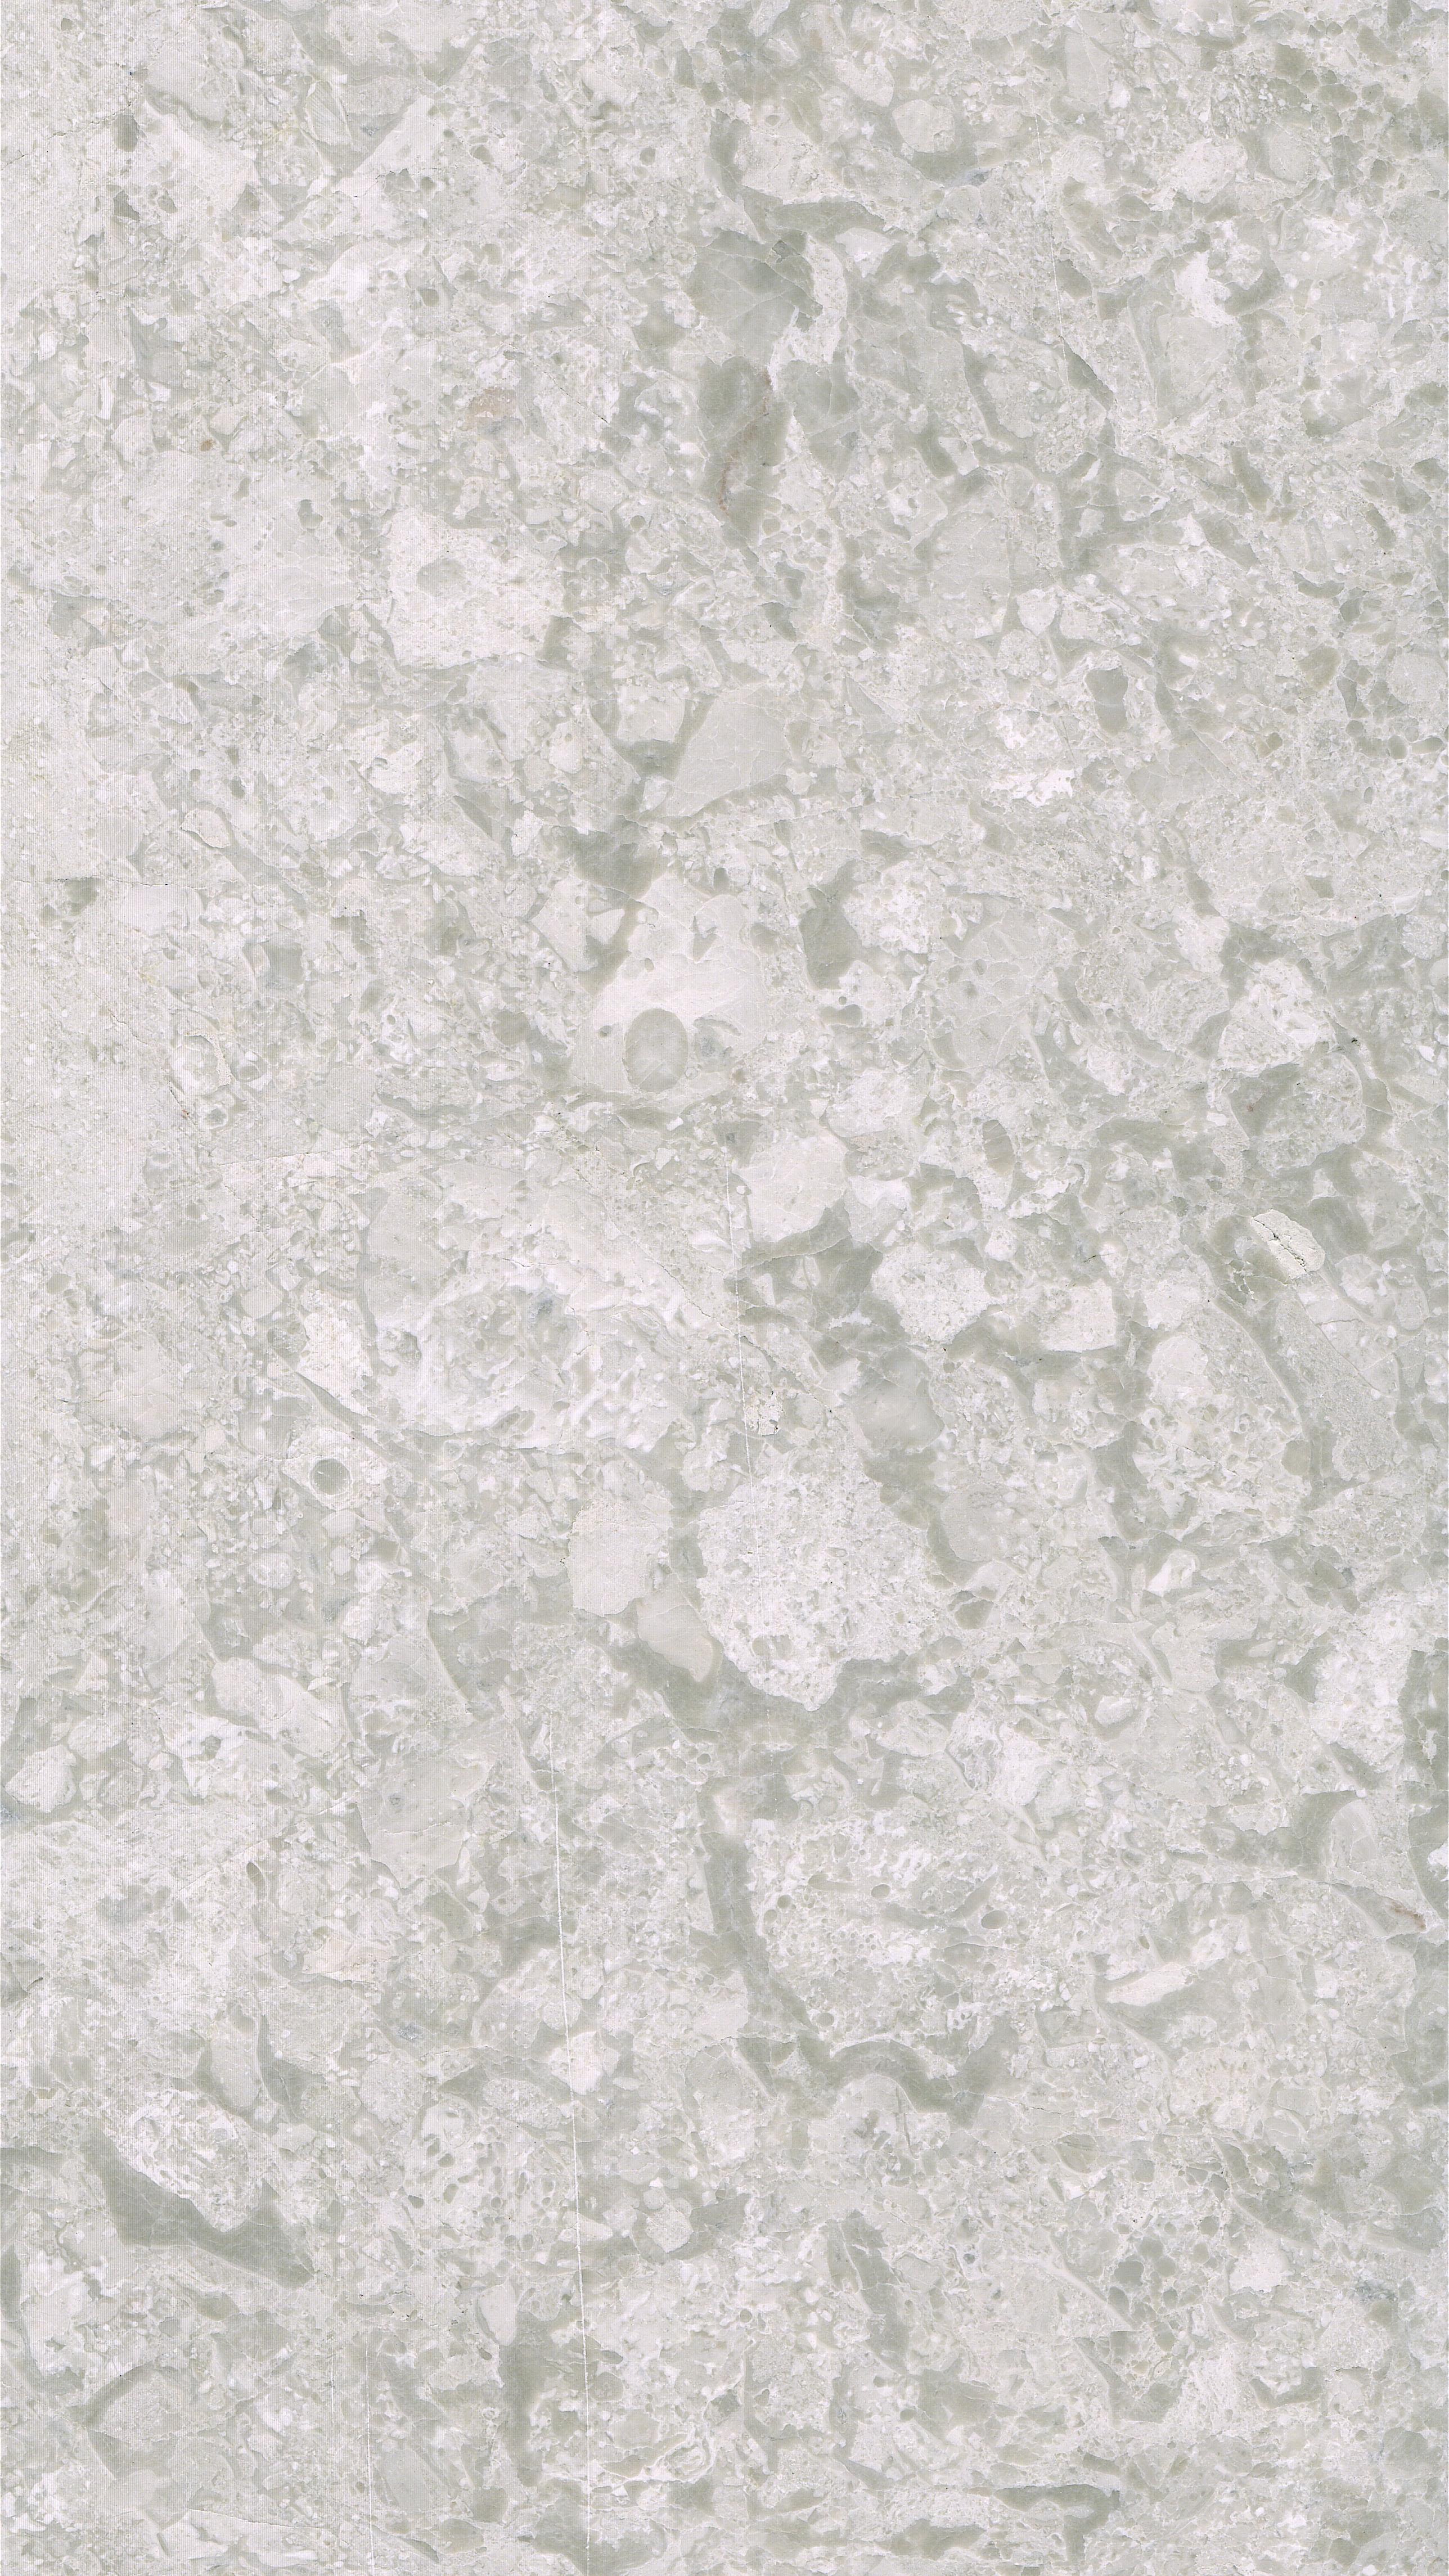 OMANI WHITE MARBLE